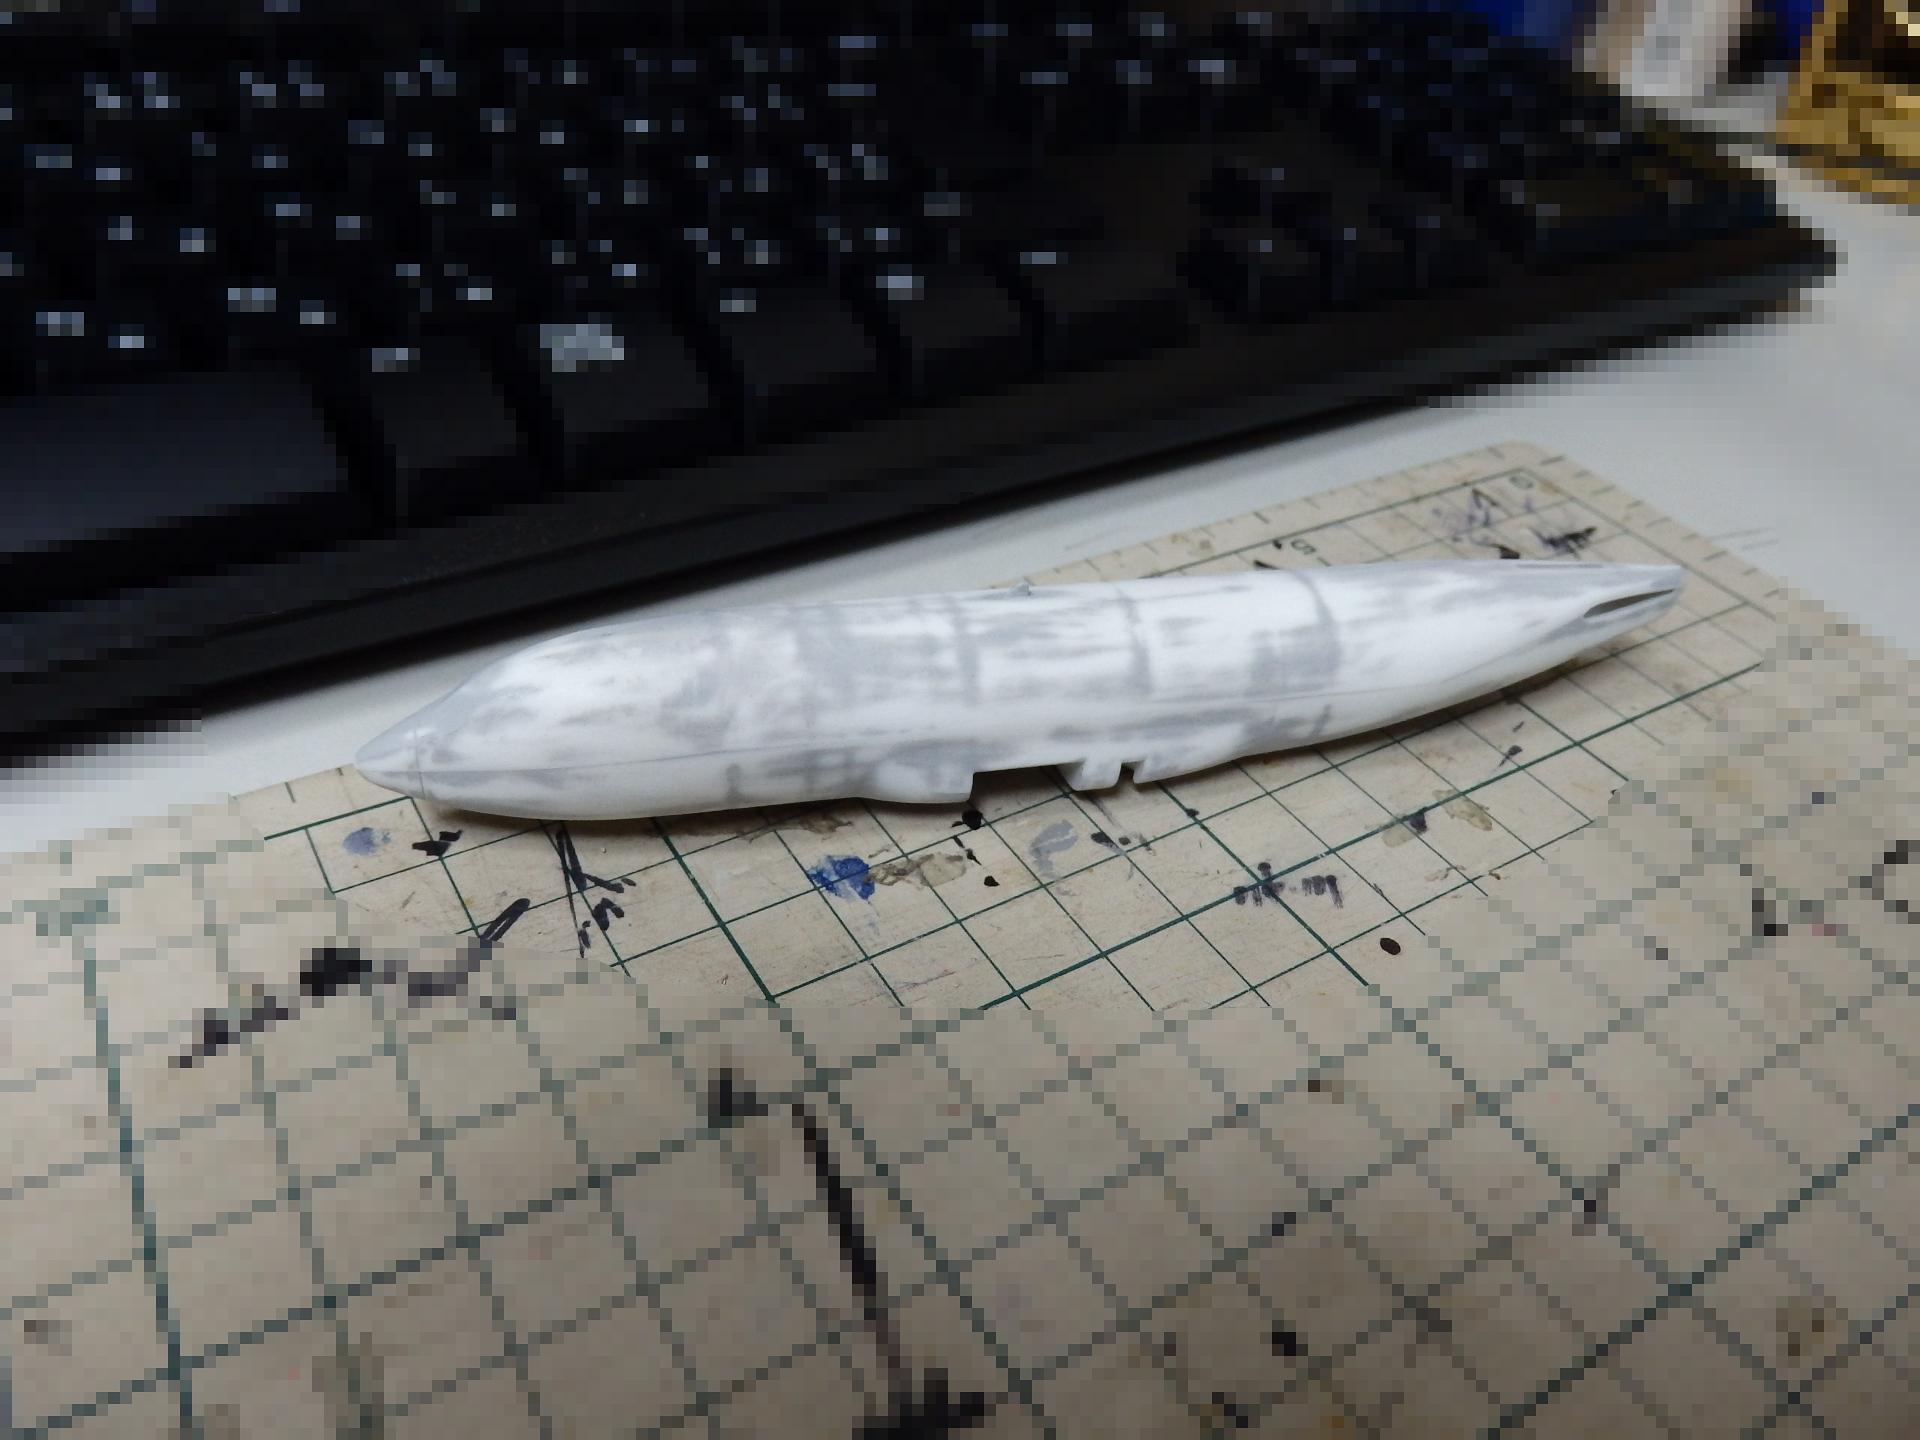 機体の下地の凸凹を整えました。